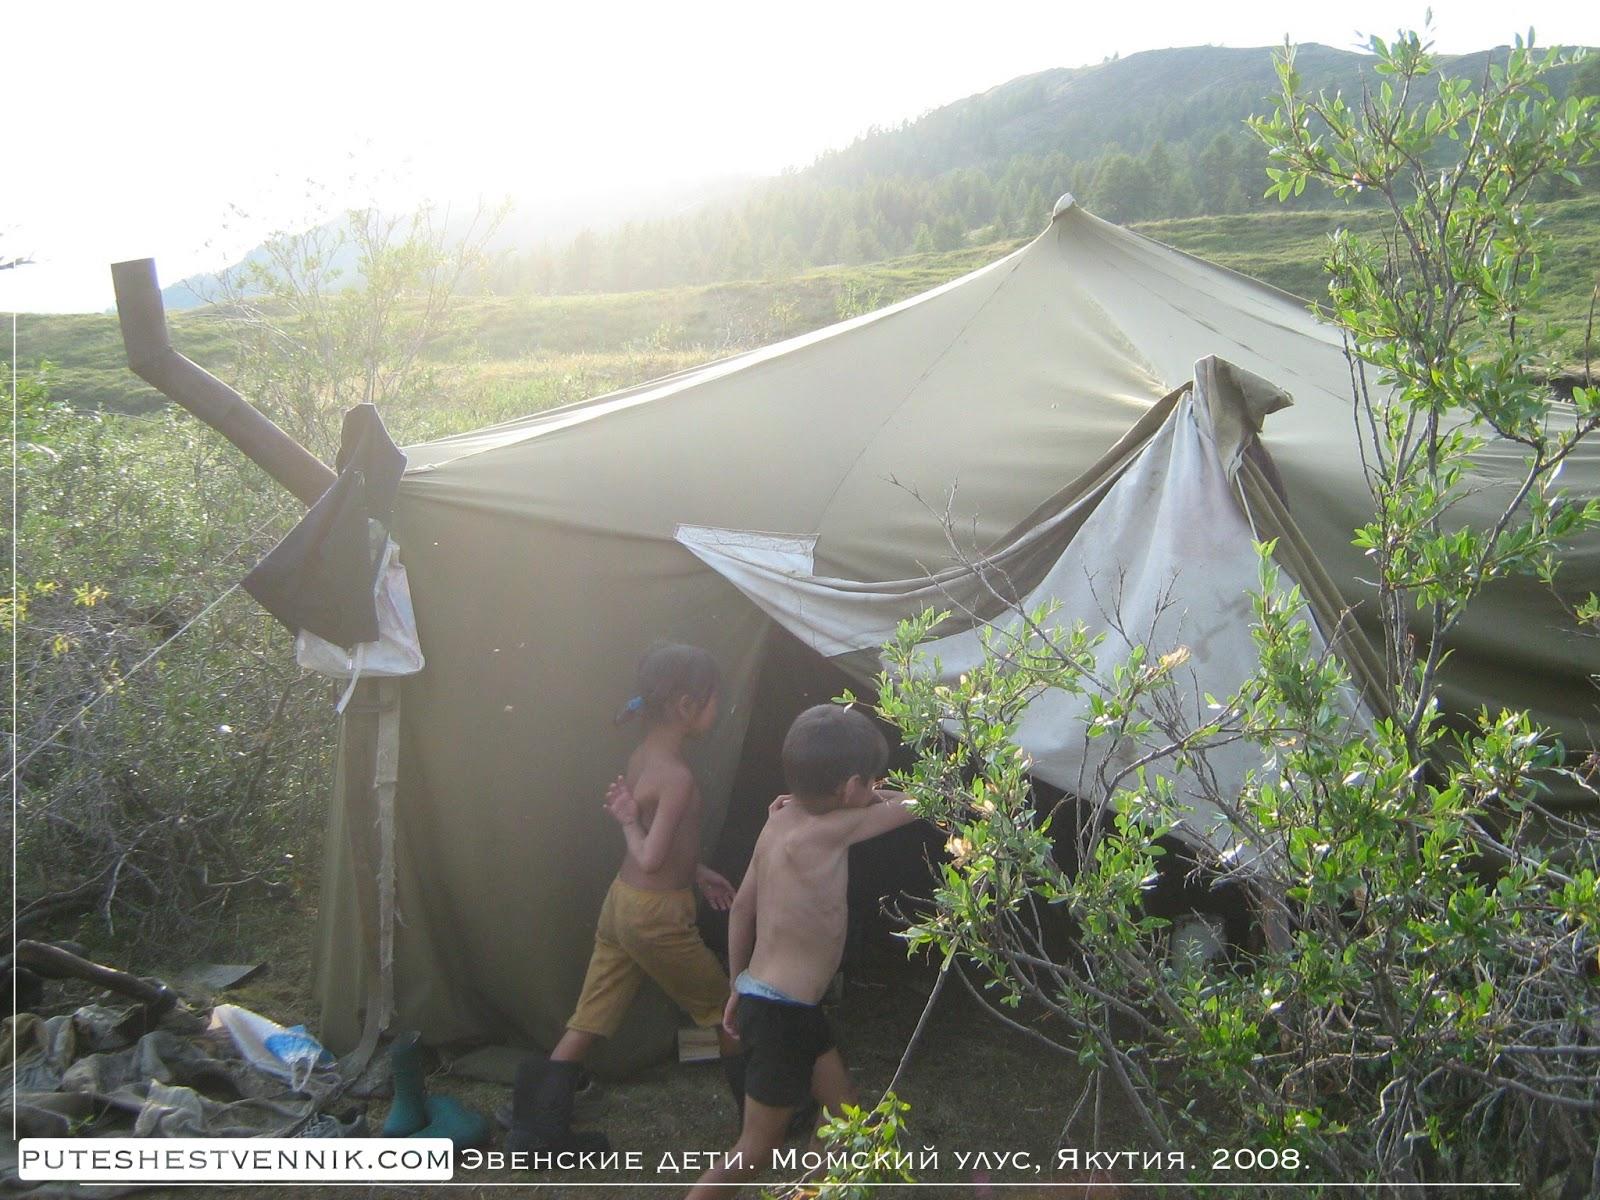 Дети эвенов у палатки